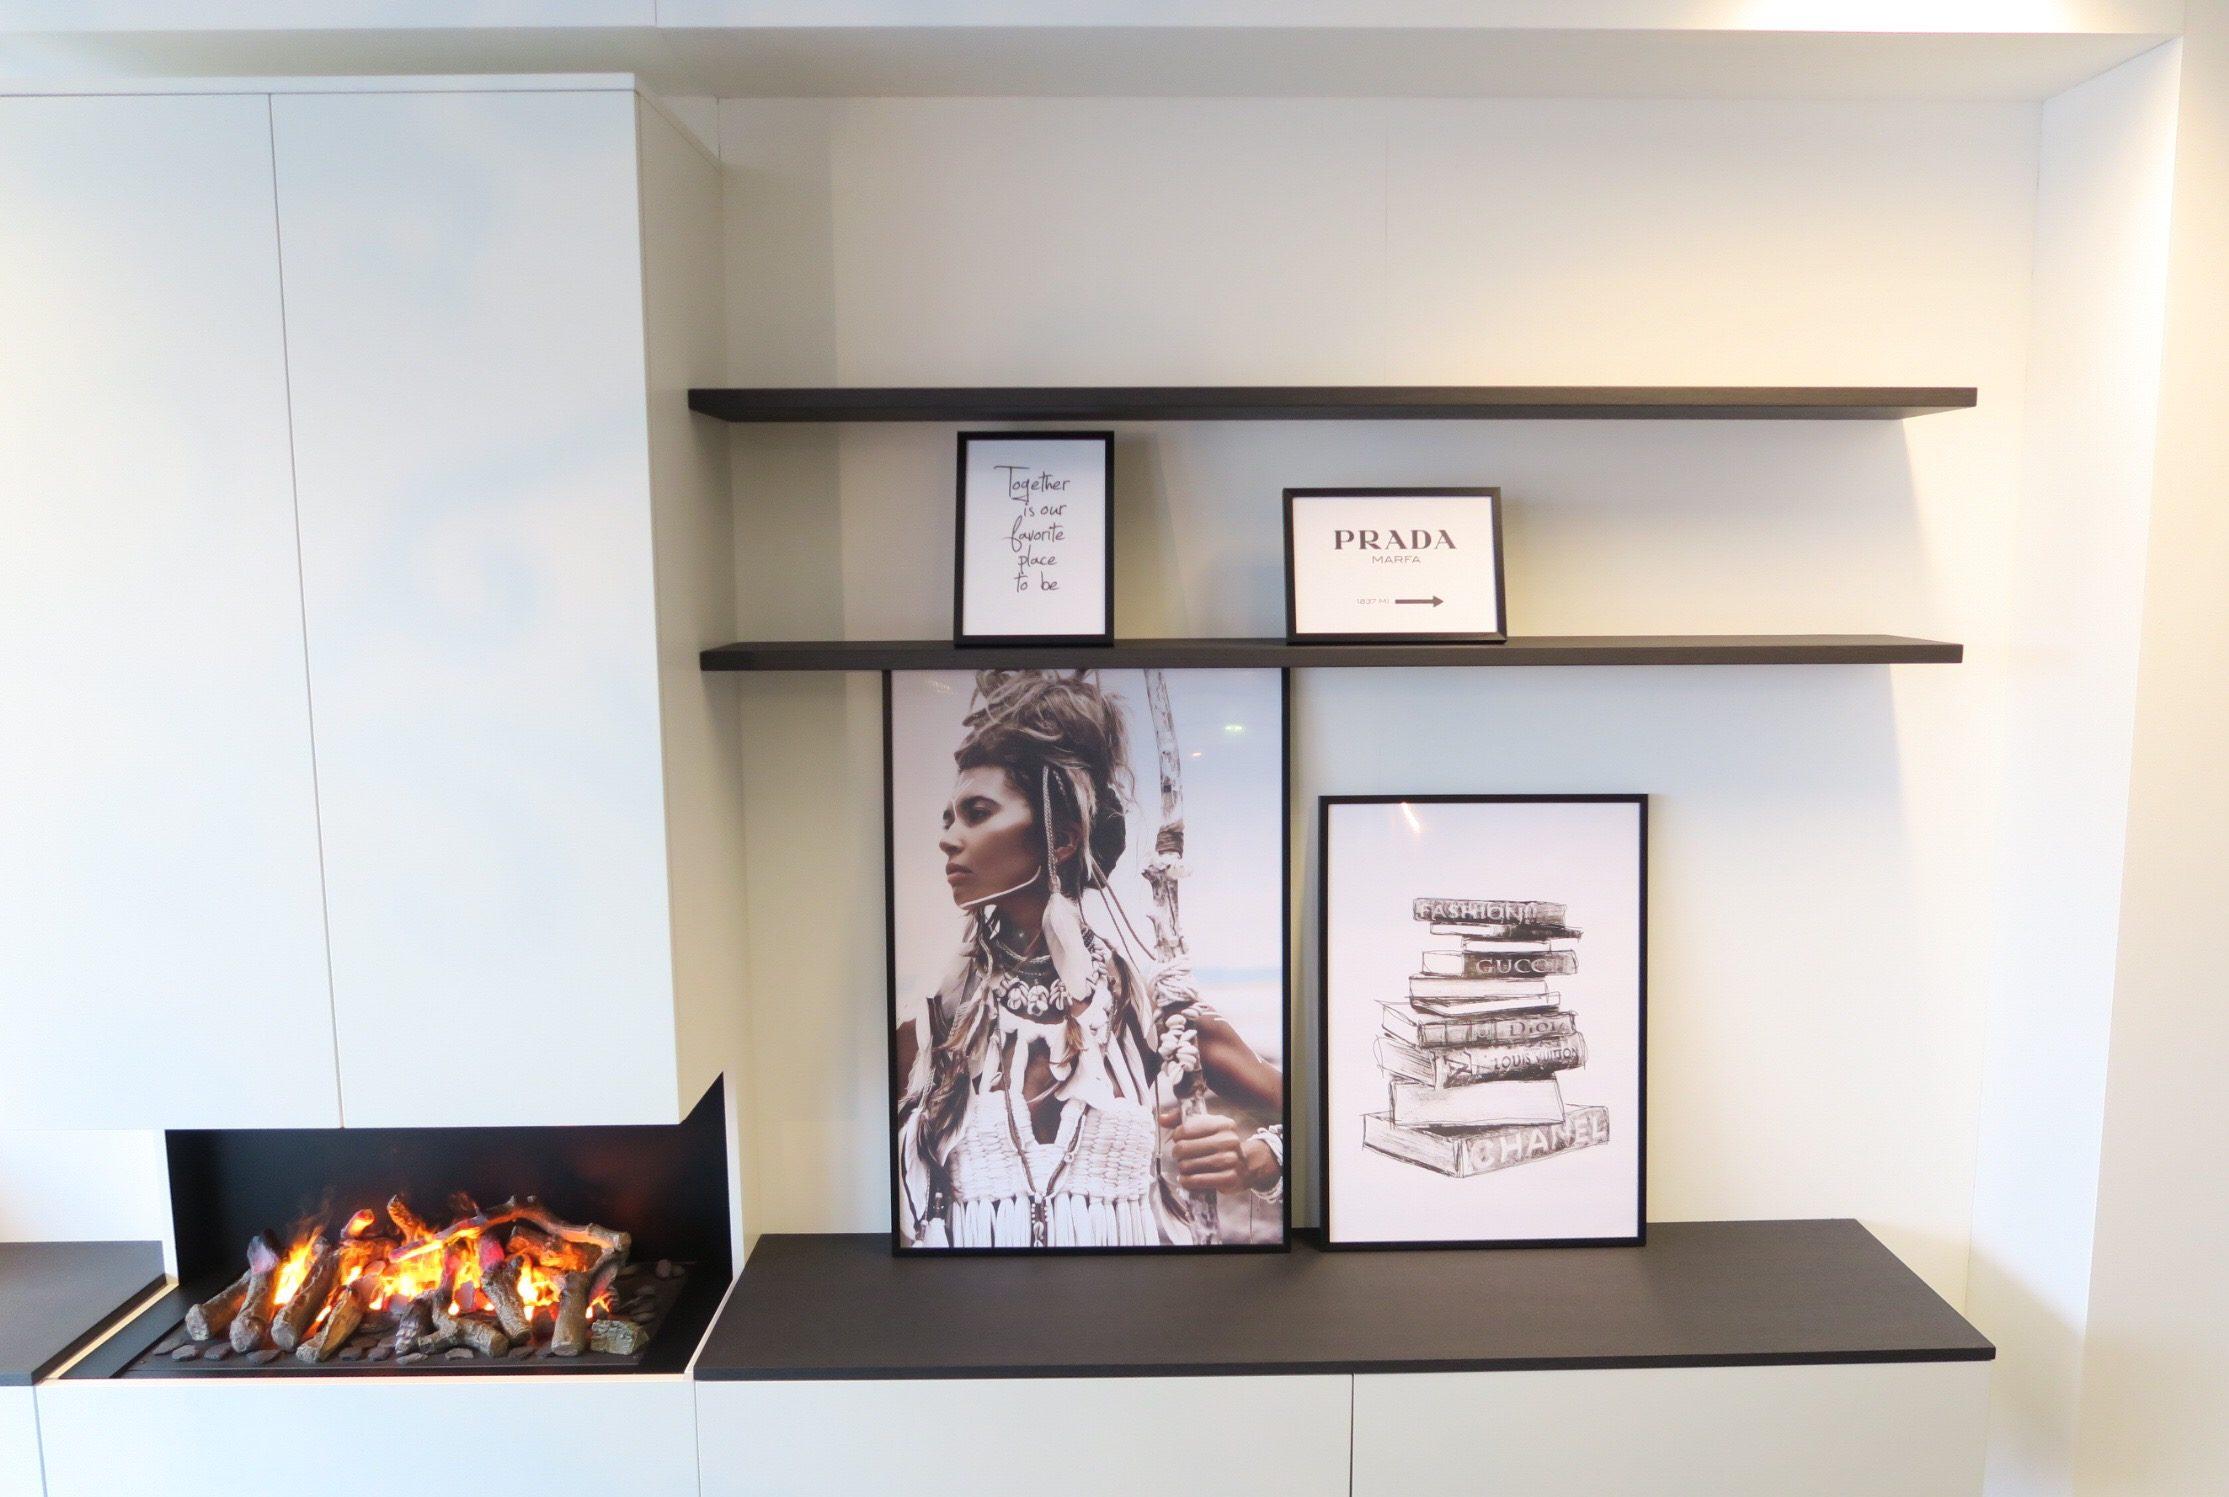 Posters In Interieur : Desenio u interieur posters discount u daphne van kerkhof